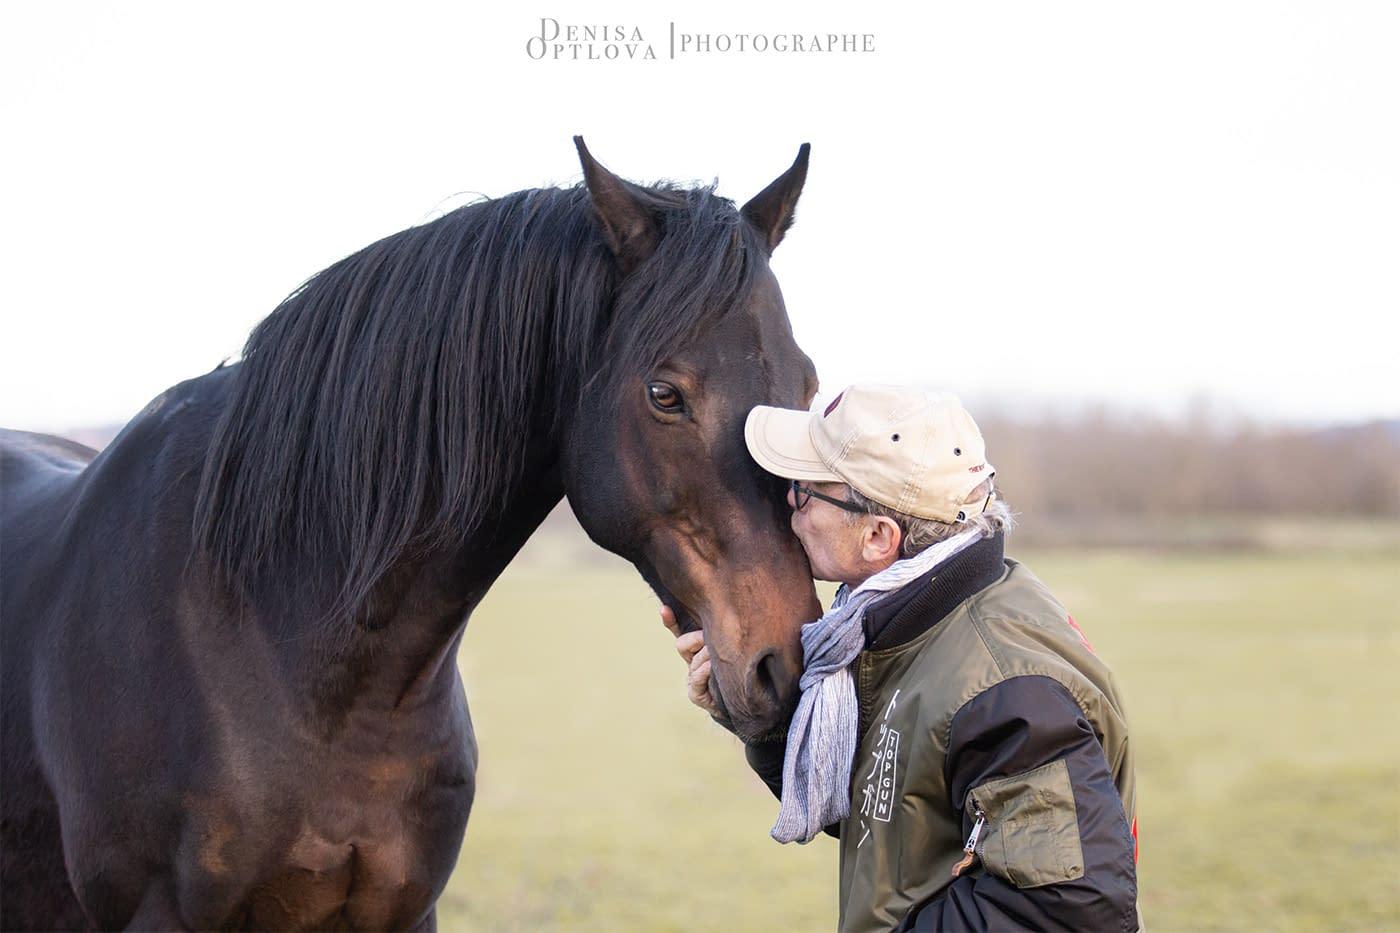 Cheval et son propriétaire faisant un bisou - Denisa Optlova